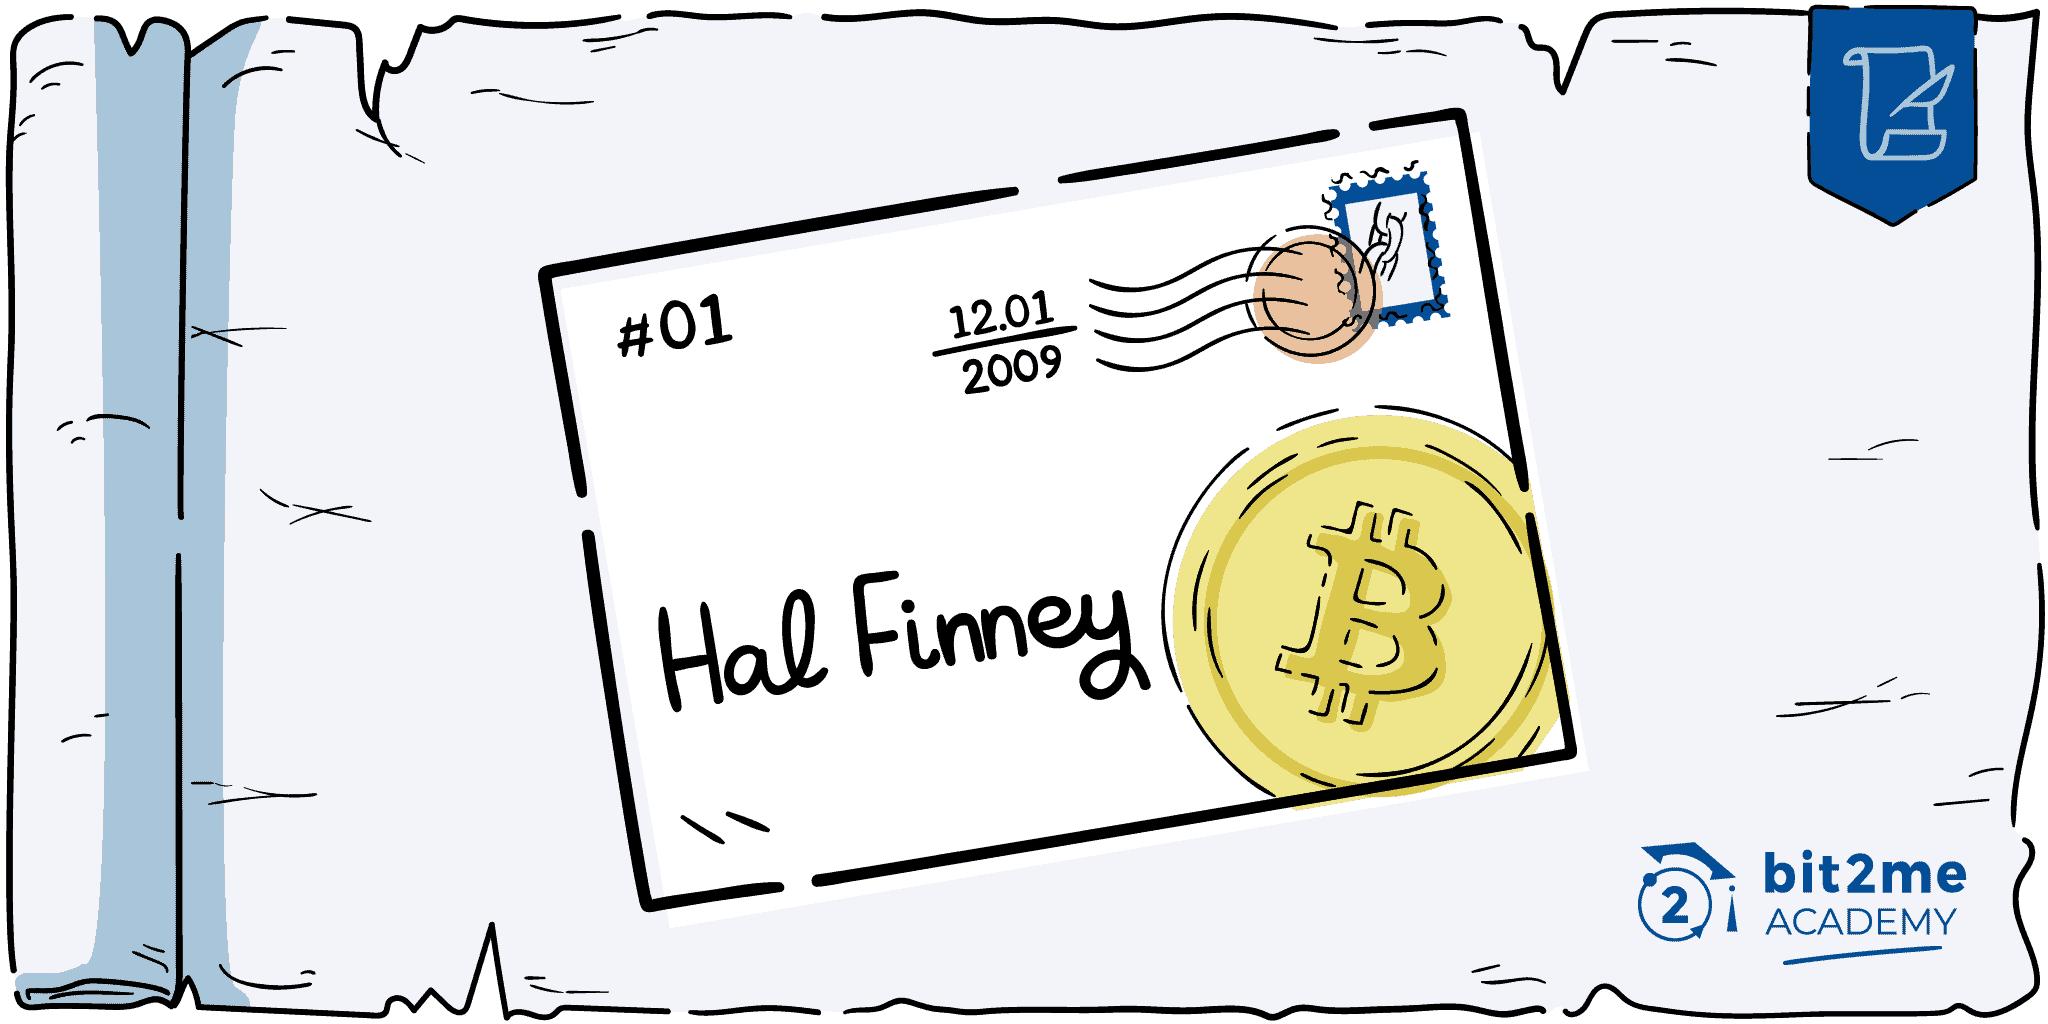 Primera transacción bitcoin hal finney satoshi nakamoto